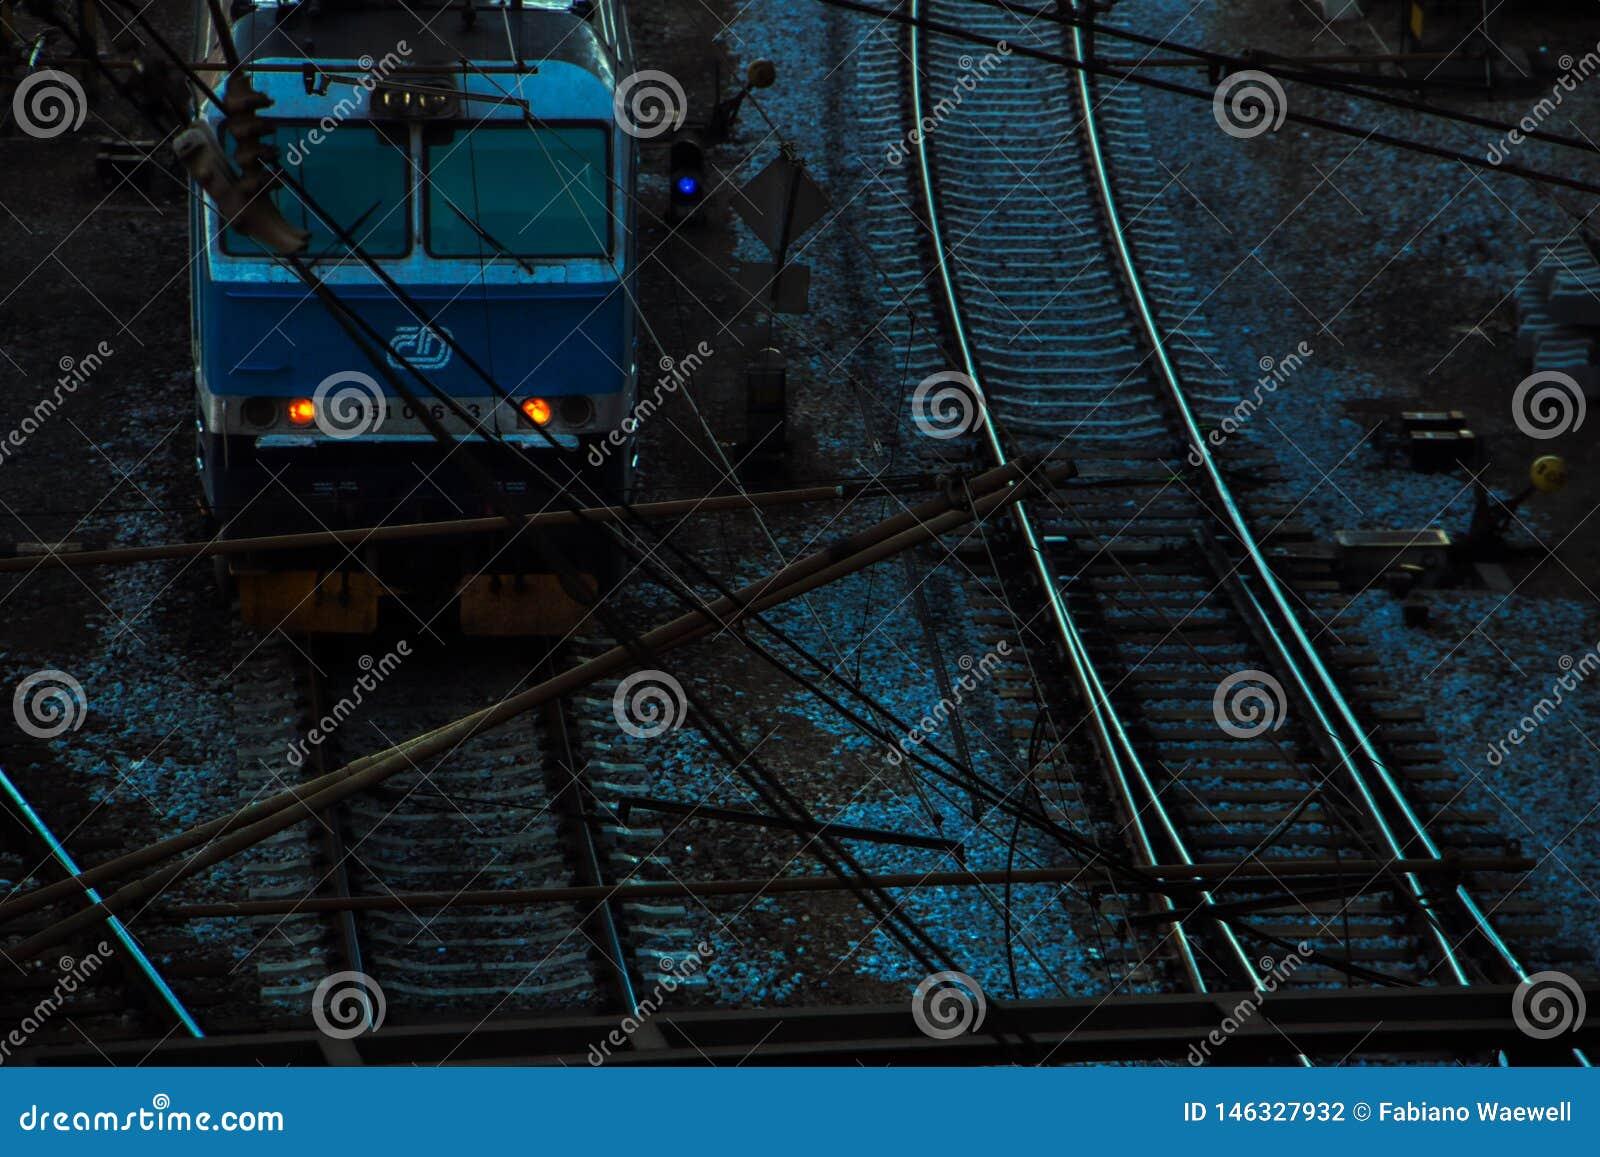 Tsjechische die trein buiten hlavninadrazi bij nacht wordt geparkeerd